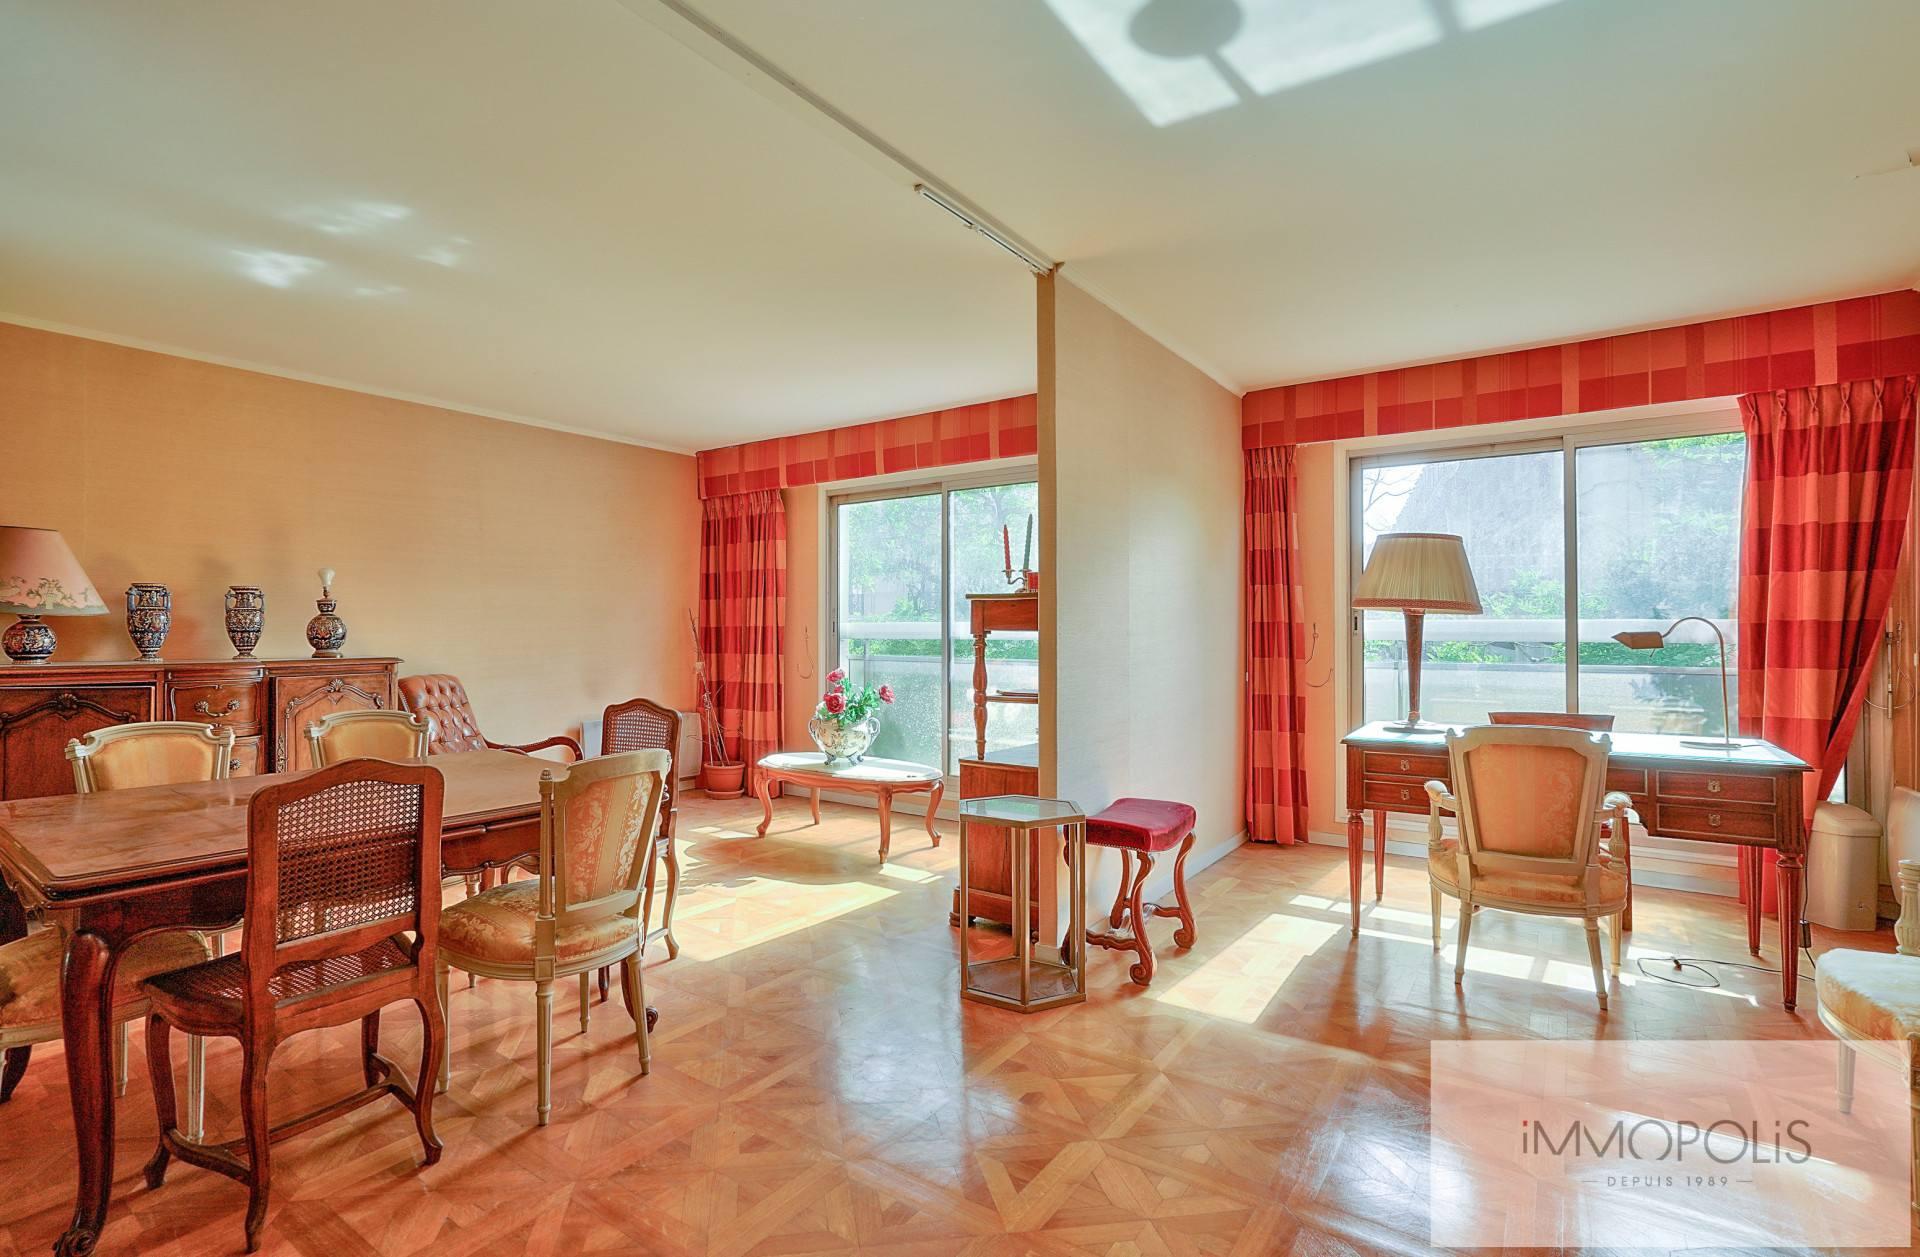 Appartement 4 pièces rue d'Alésia – Paris XIVème. 1